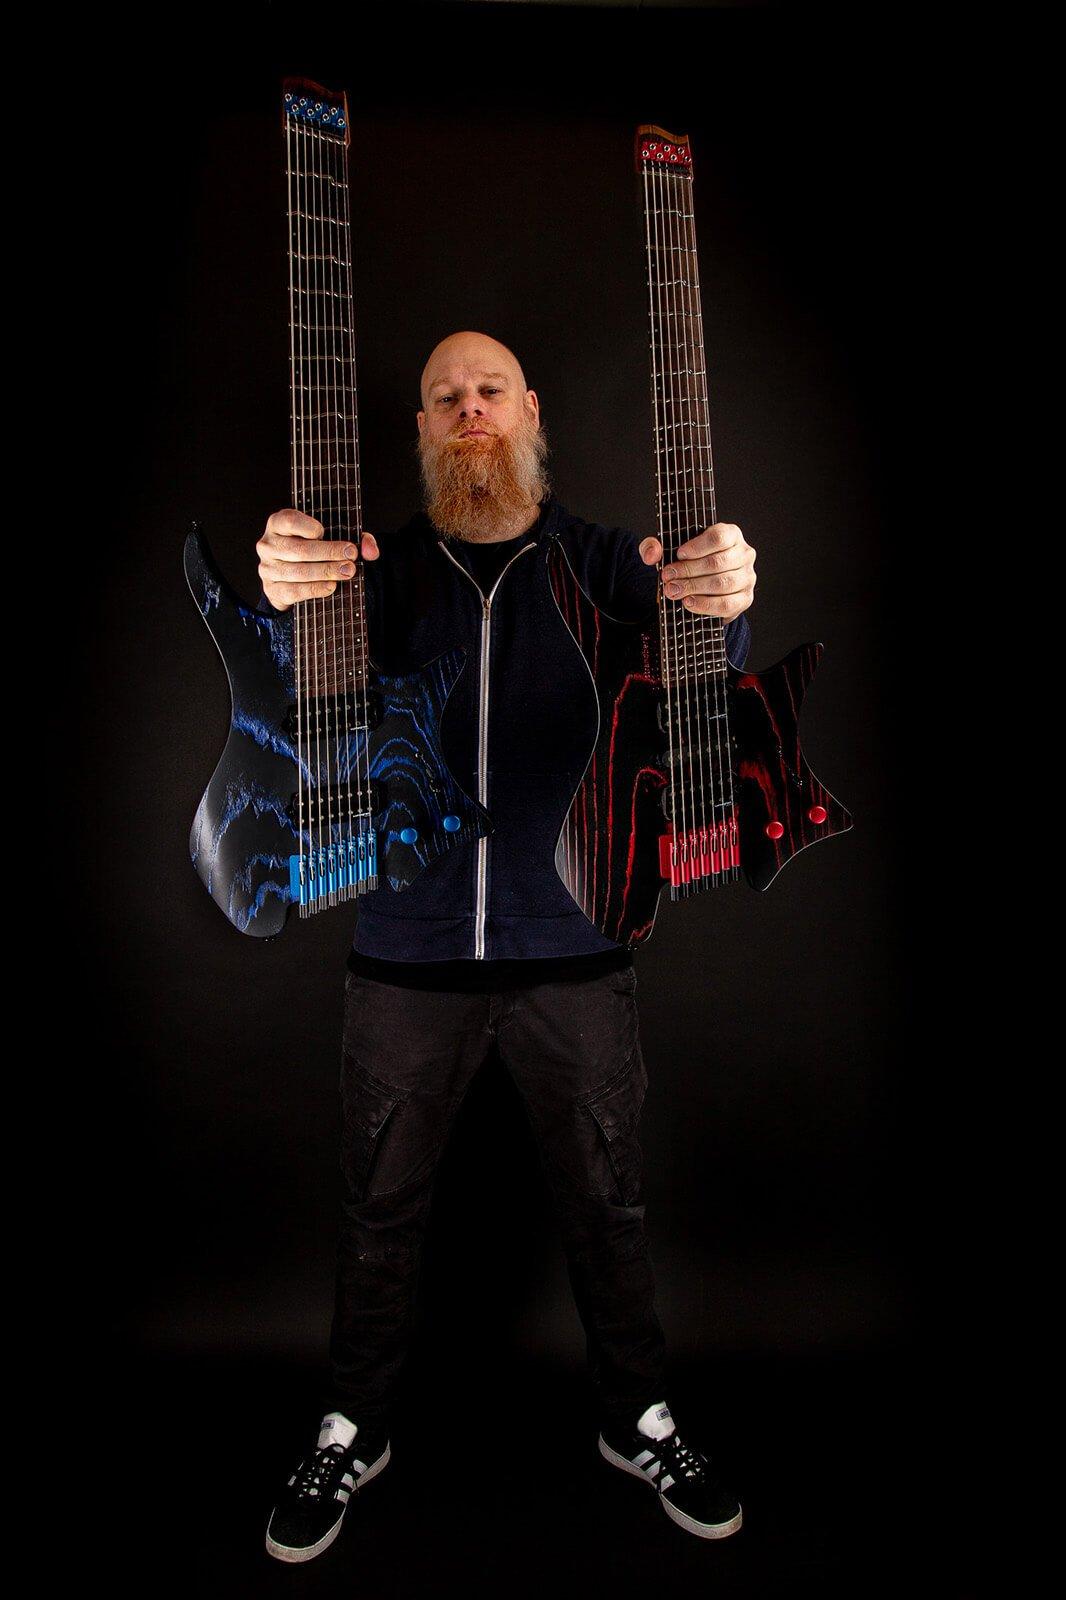 Strandberg boden singularity guitars